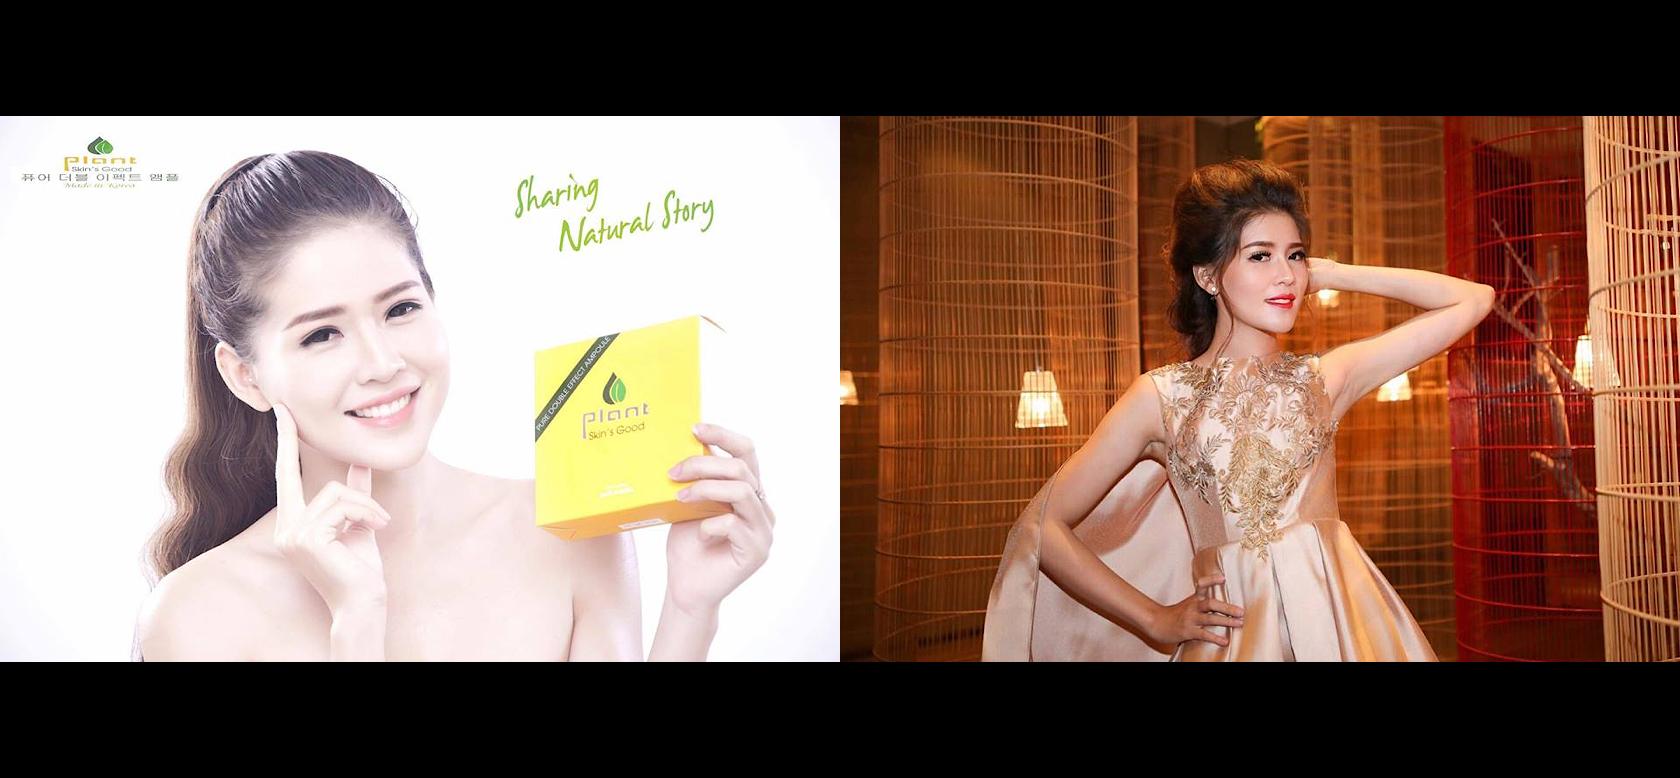 pg-nguoi-mau-model-nguyen-kim-phung